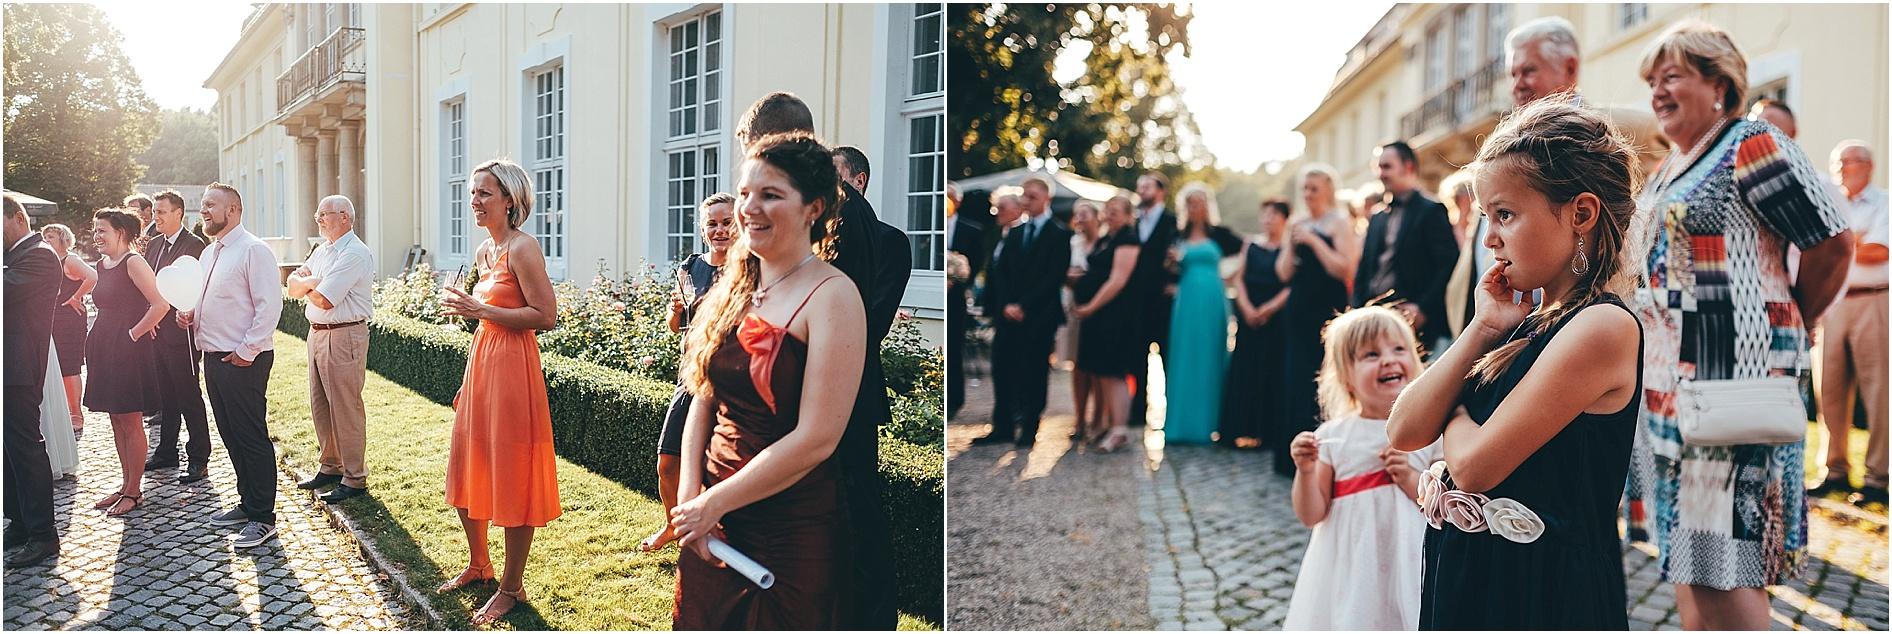 Hochzeitsfotograf Schwerin, Schloss Hasenwinkel, Caro und Marc, 2017-01-17_0096.jpg